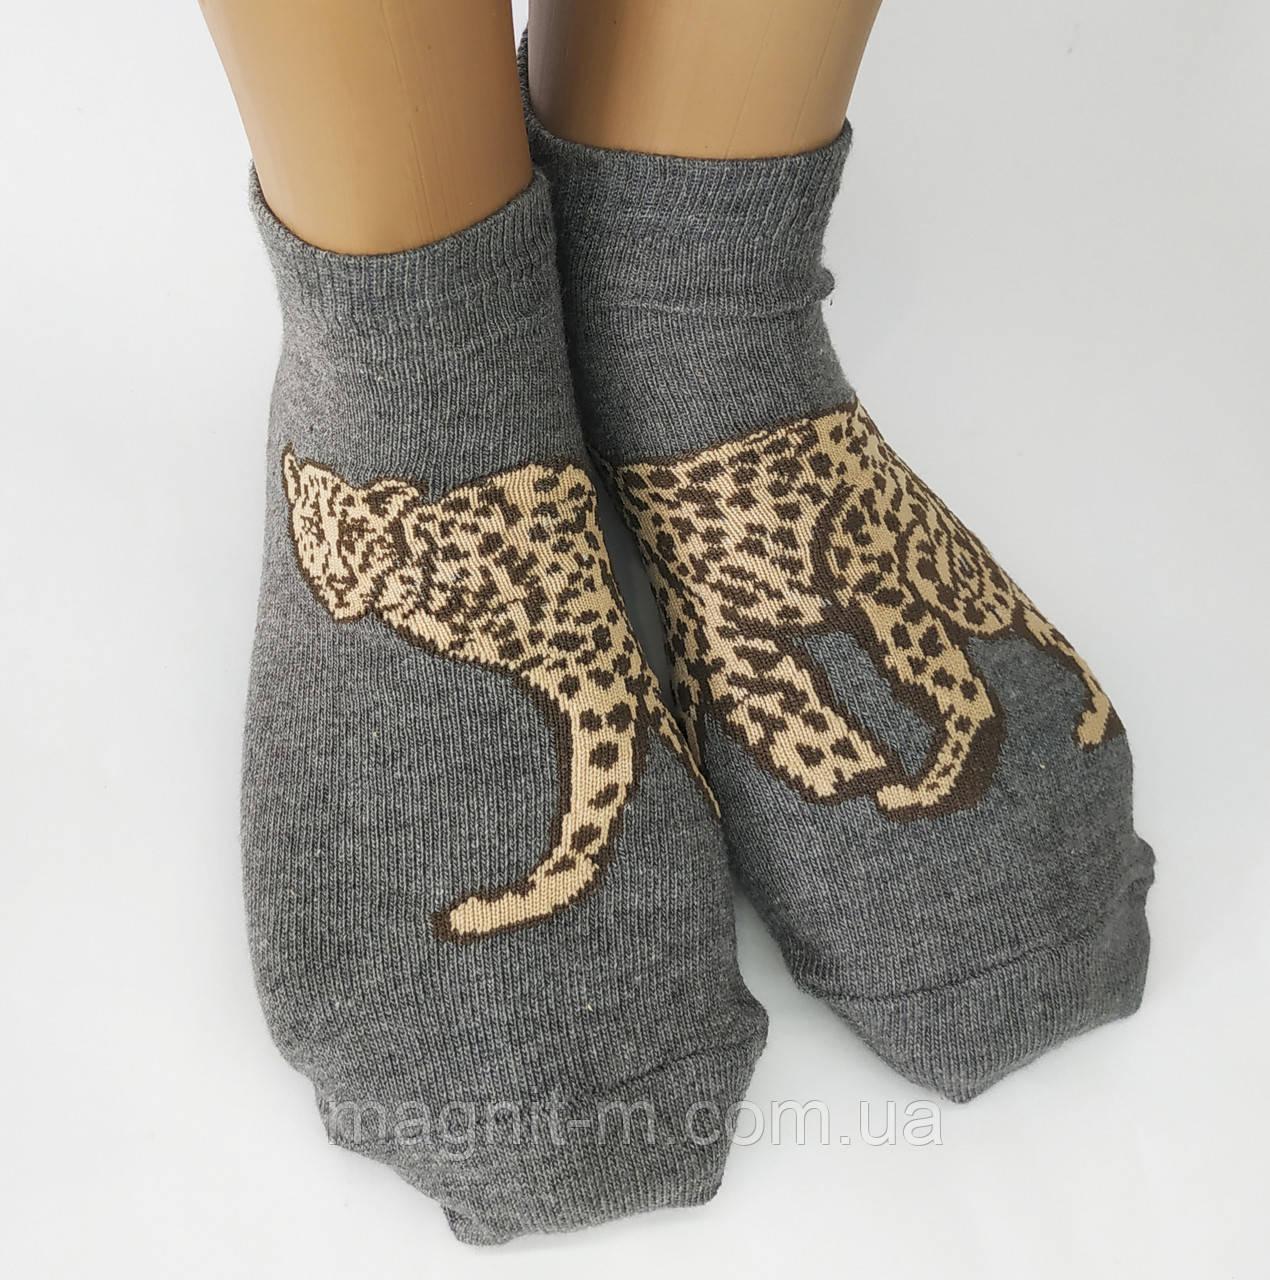 """Женские стрейчевые носки """"Calze Vita"""". Леопард. Турция."""